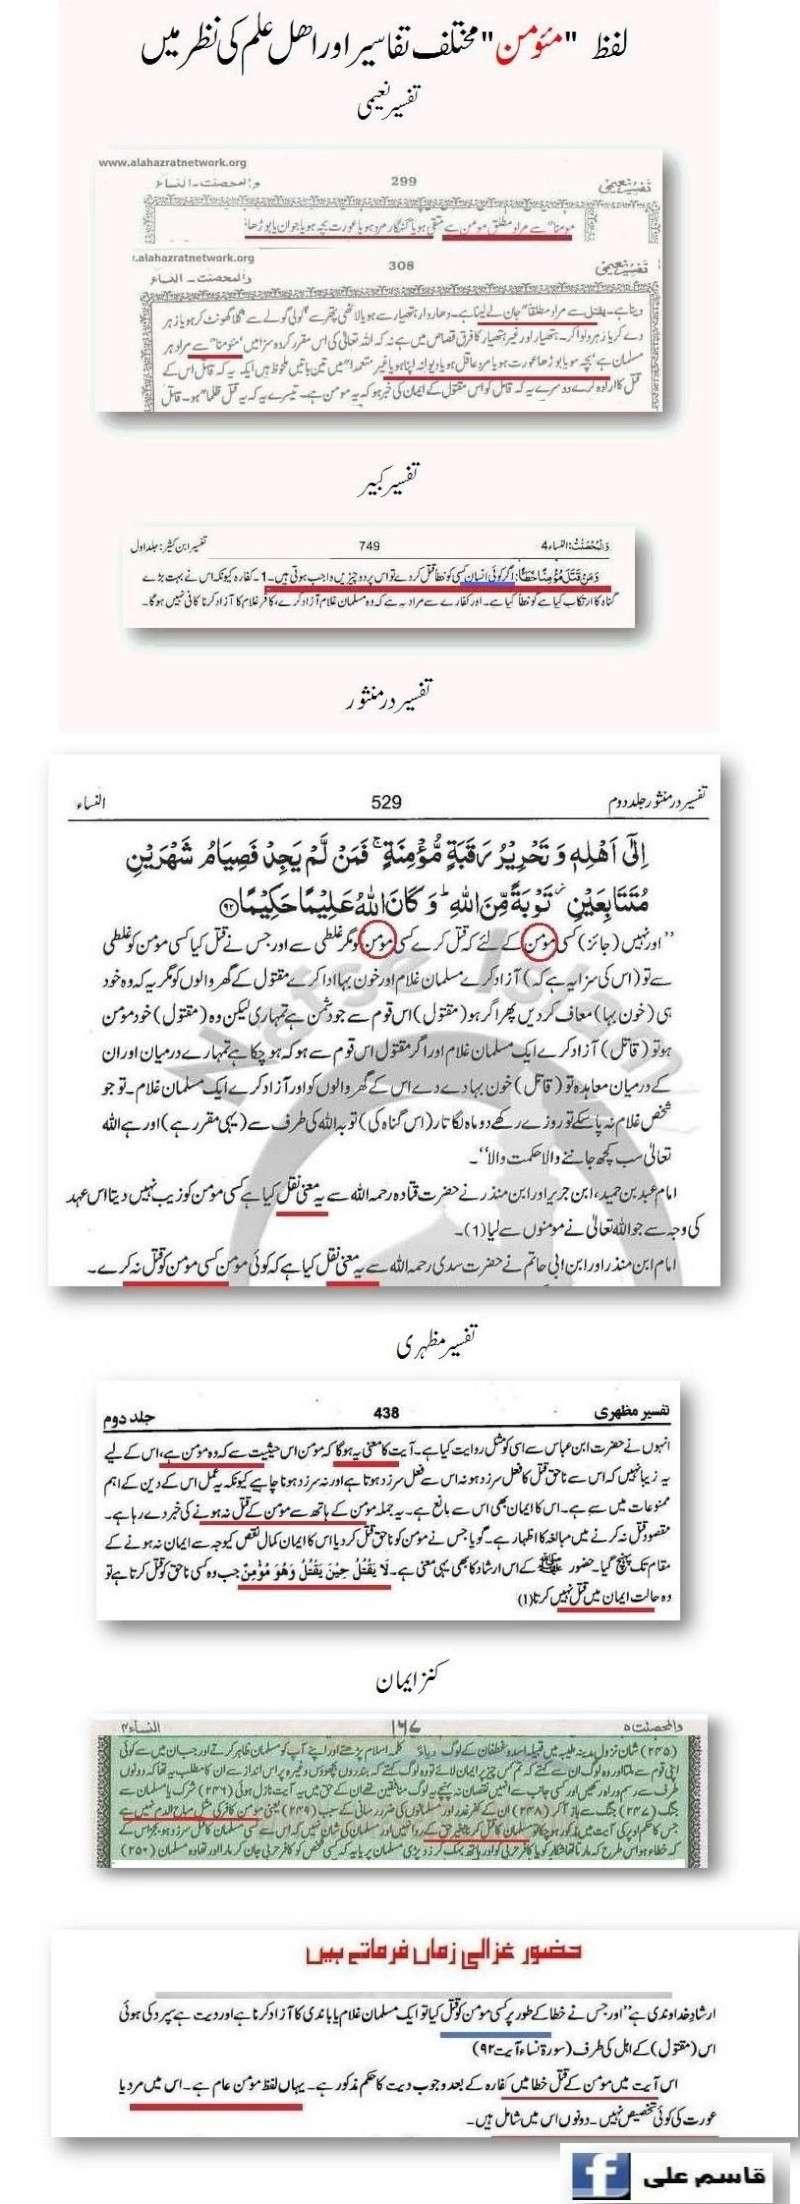 دیت کی جعلی فتوی فیکٹری پر منہاج القرآن کی فتح کا جھنڈا - Page 2 Qasim411